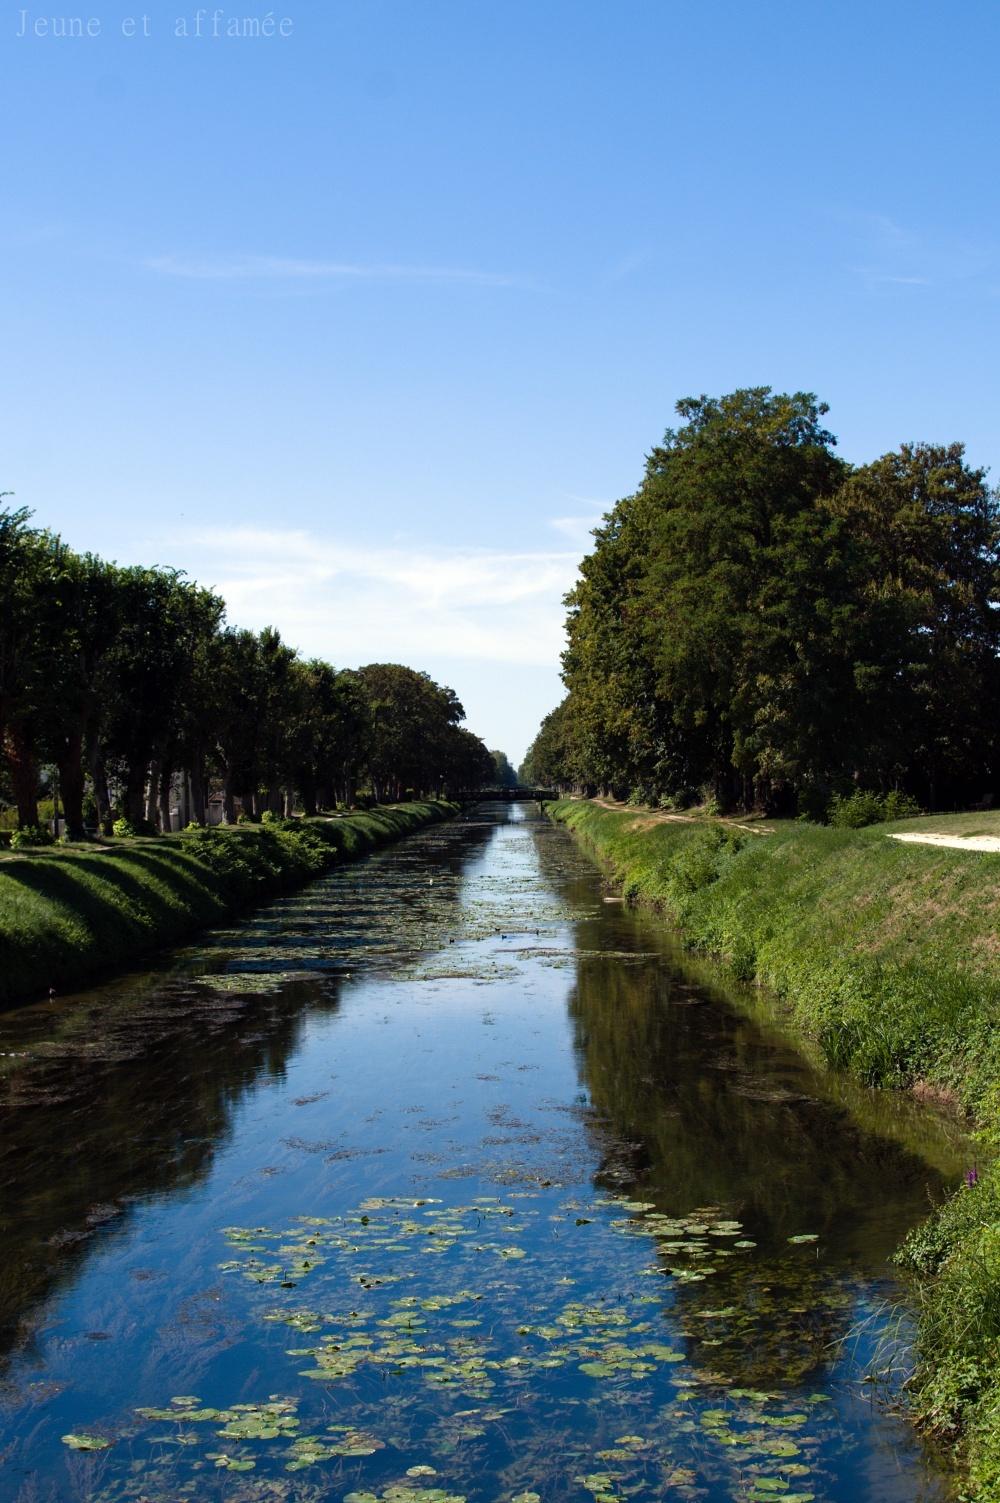 Le canal du Berry, Vierzon